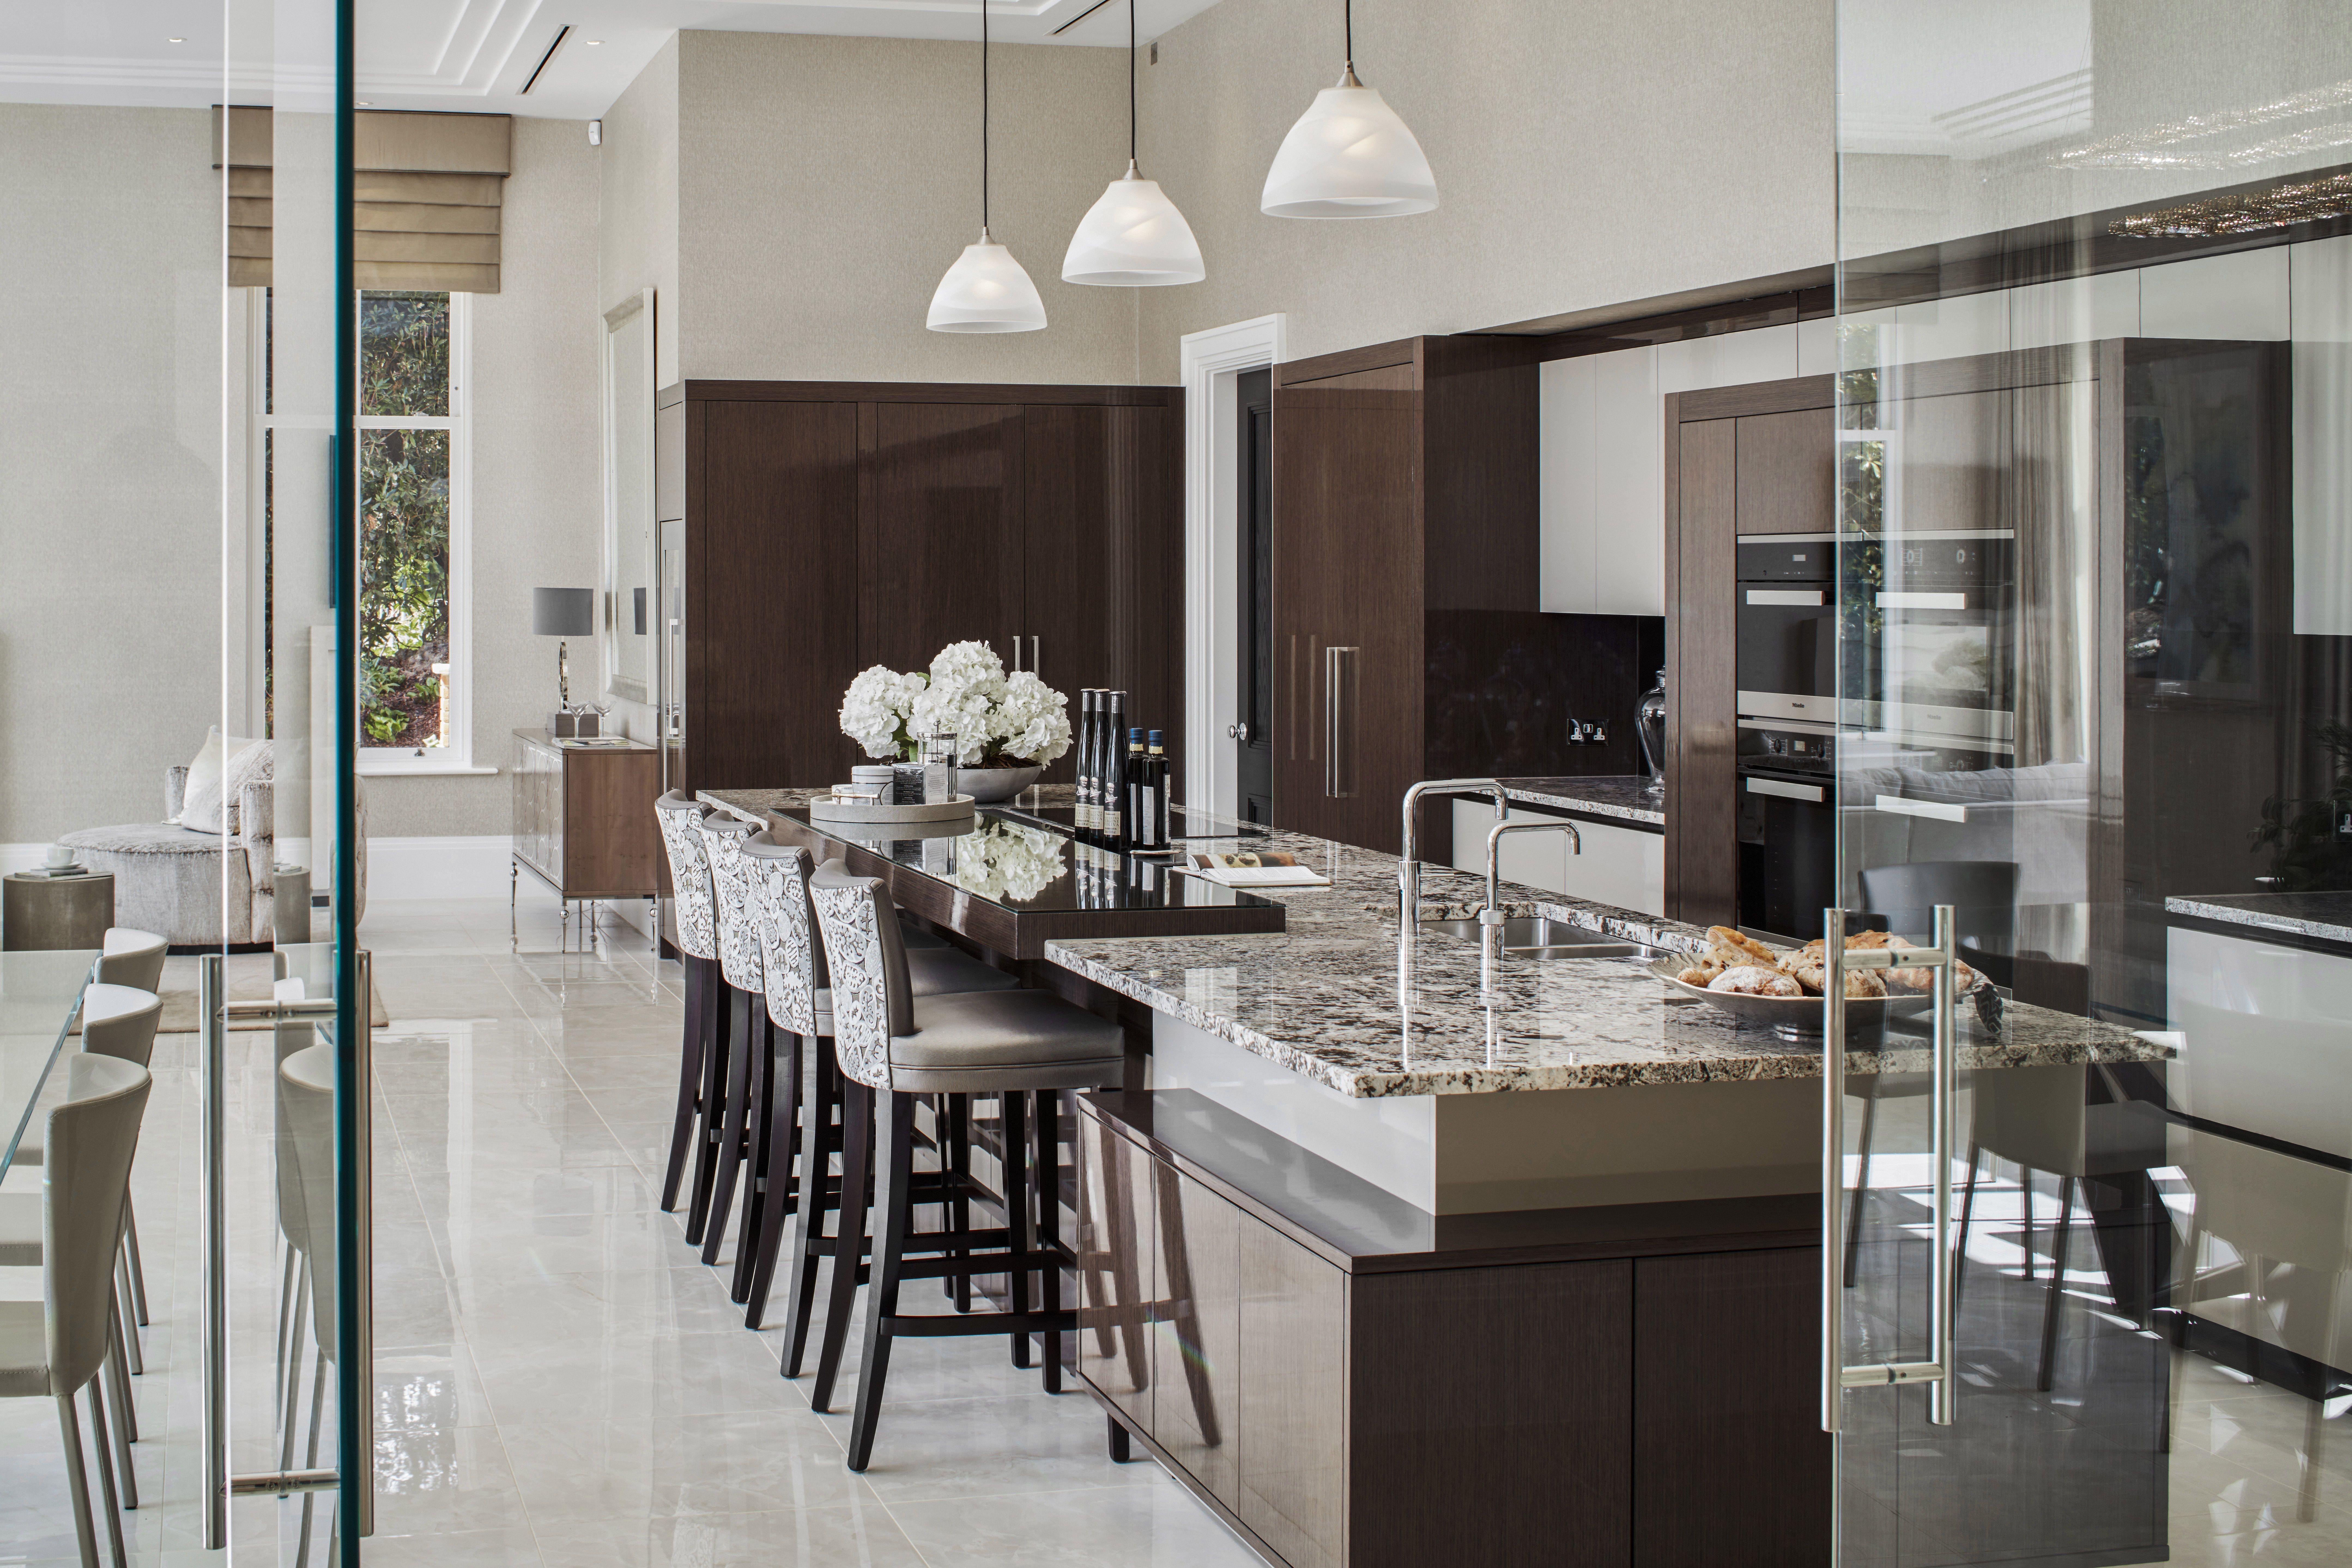 EXTREME High Gloss Luxury Kitchen Design Luxury kitchen